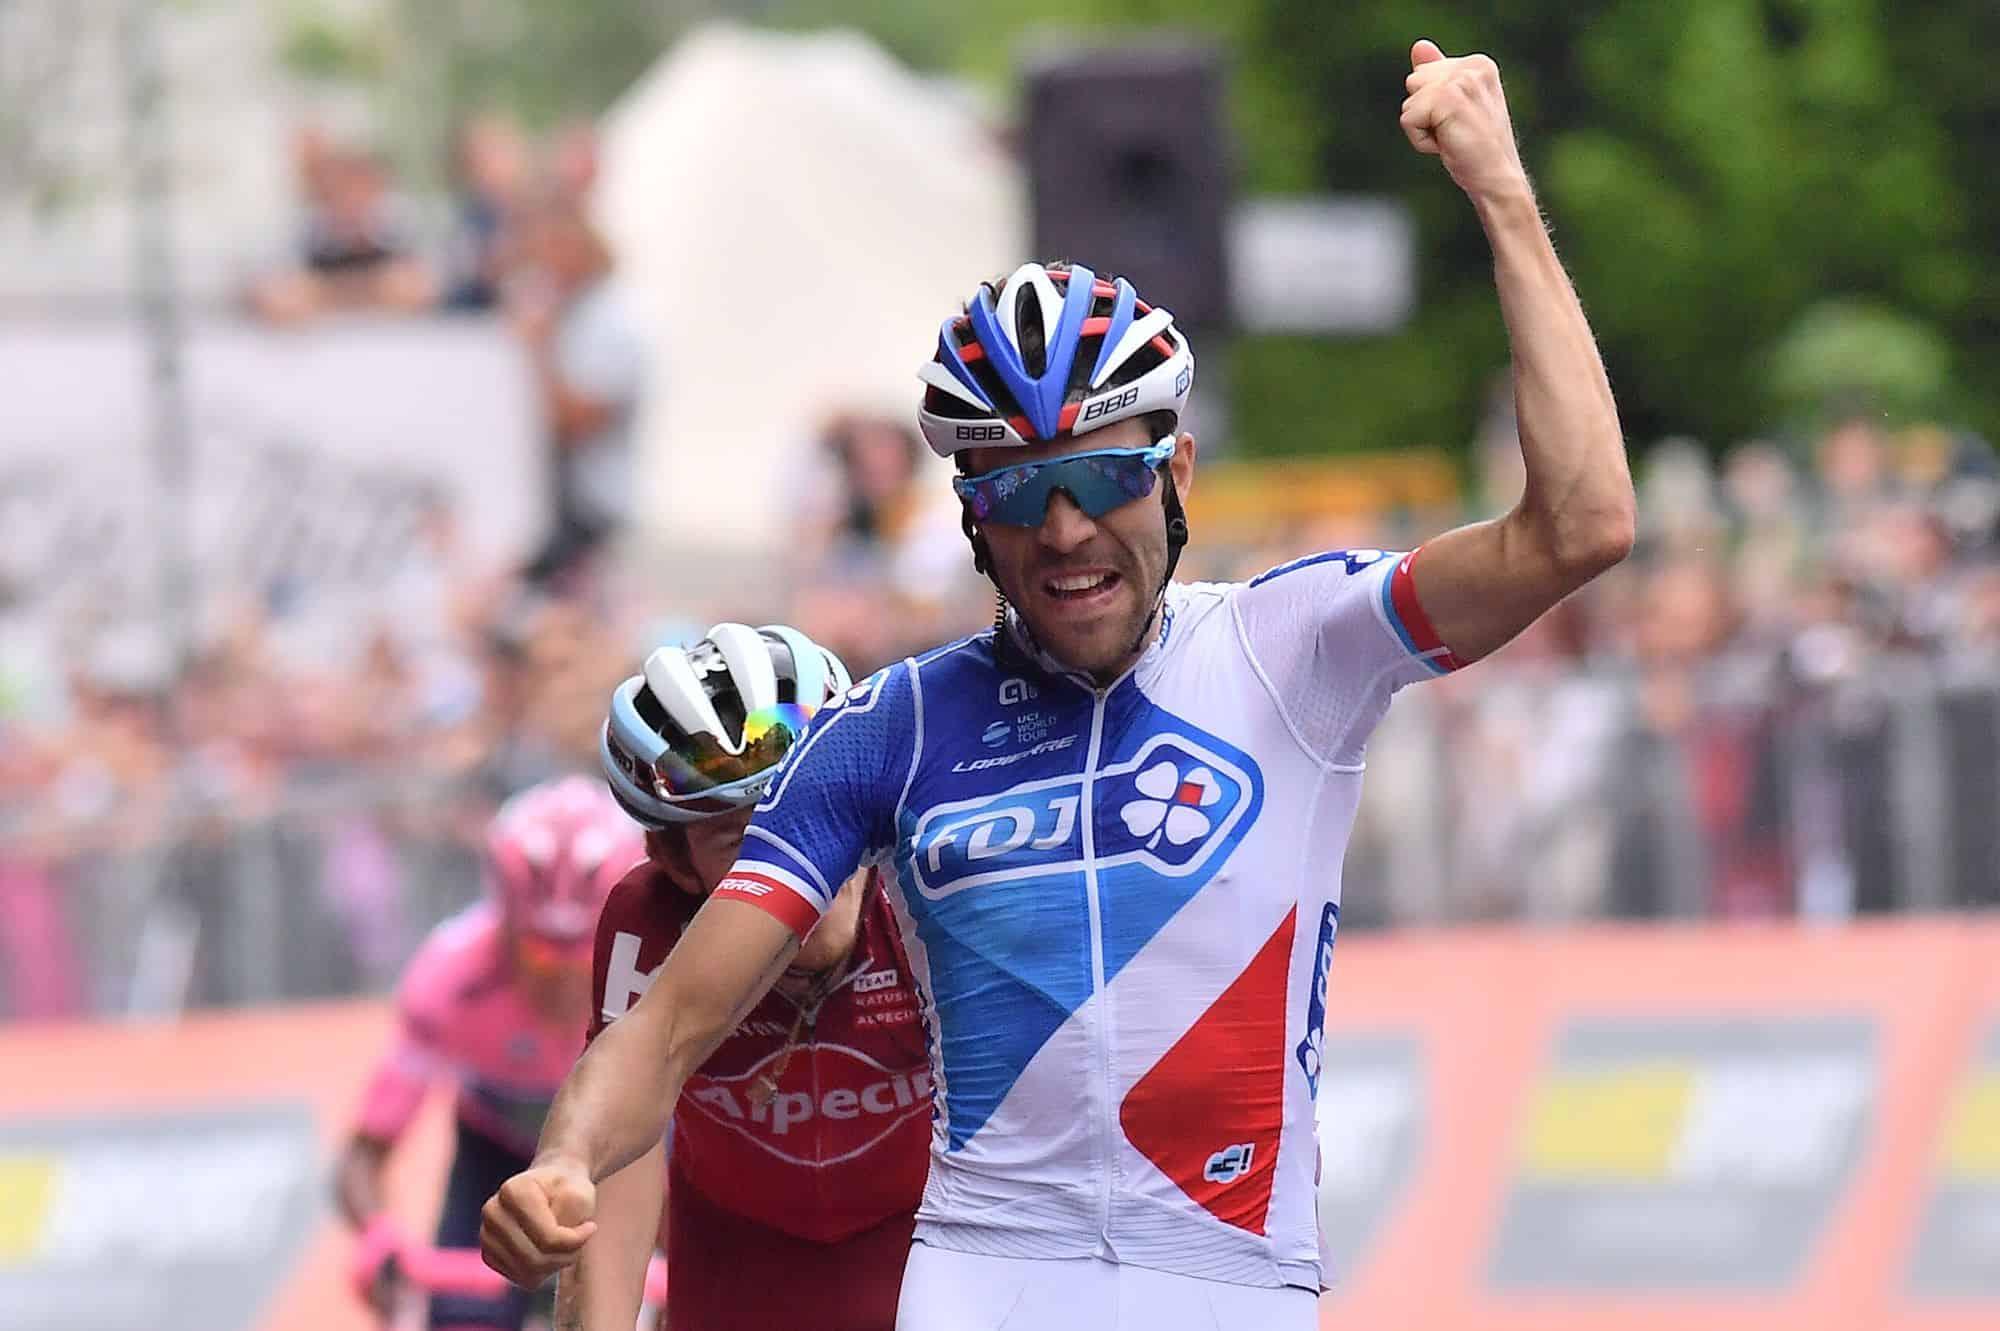 Giro d'Italia, 20° Tappa: ritmi alti e attacchi, ma Domoulin perde soltanto 15''